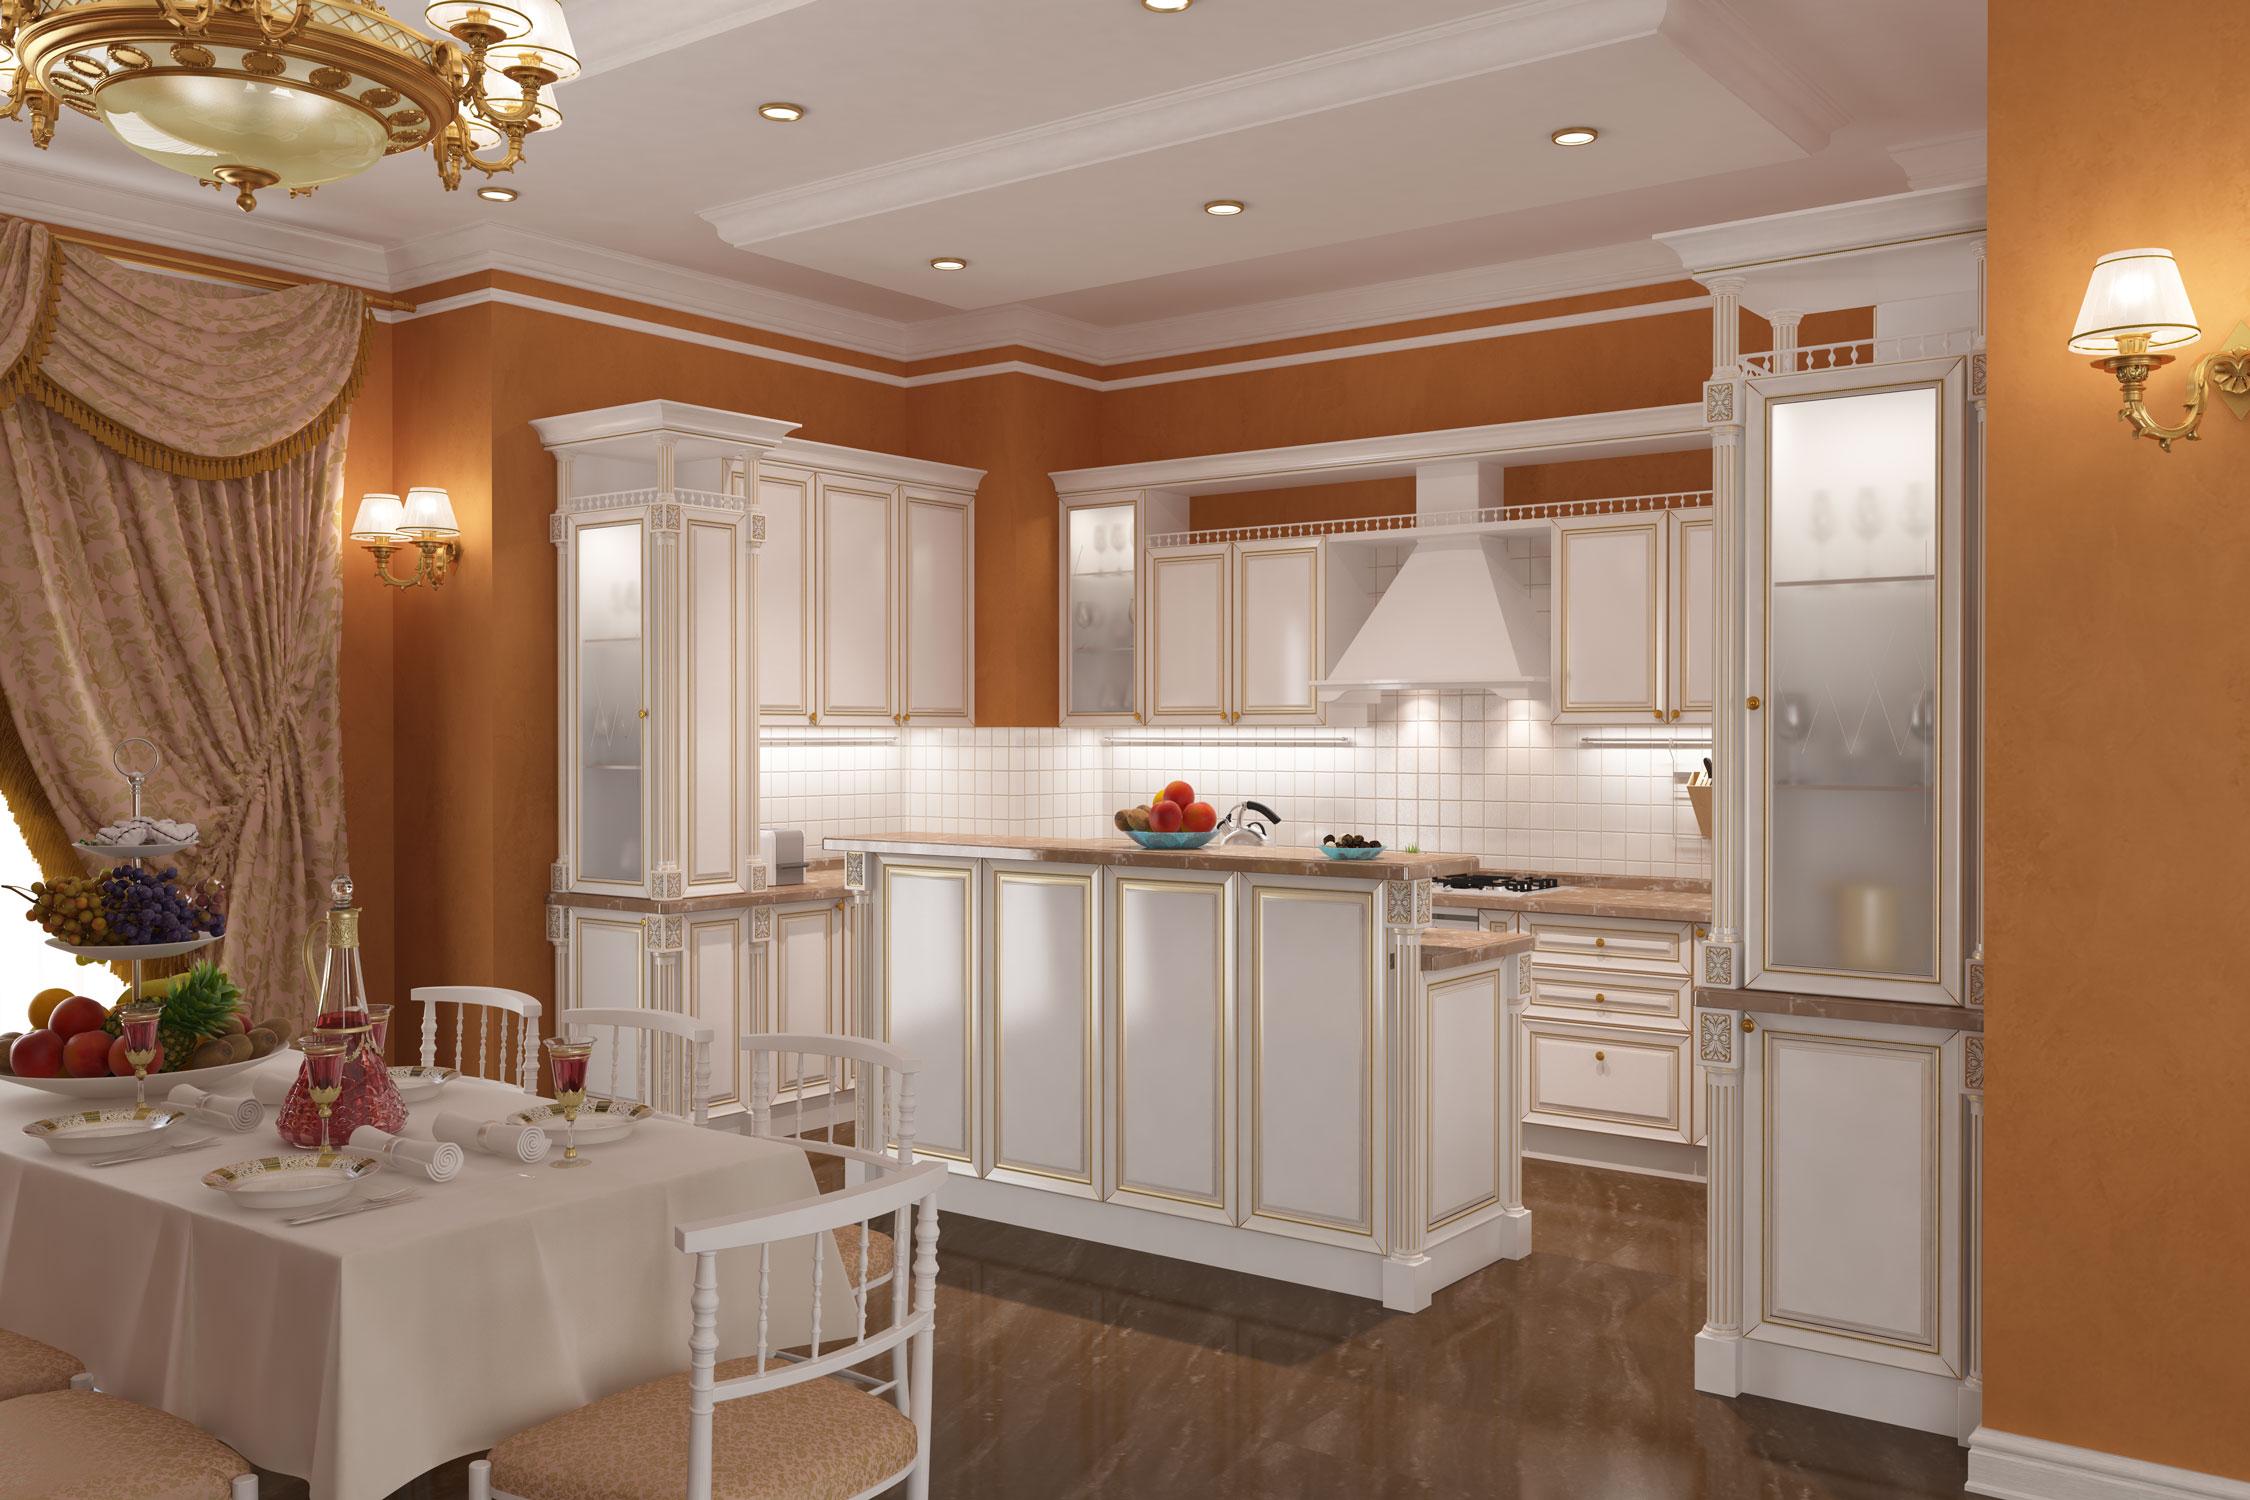 Эскиз кухни в стиле современная классика. Общий ракурс.